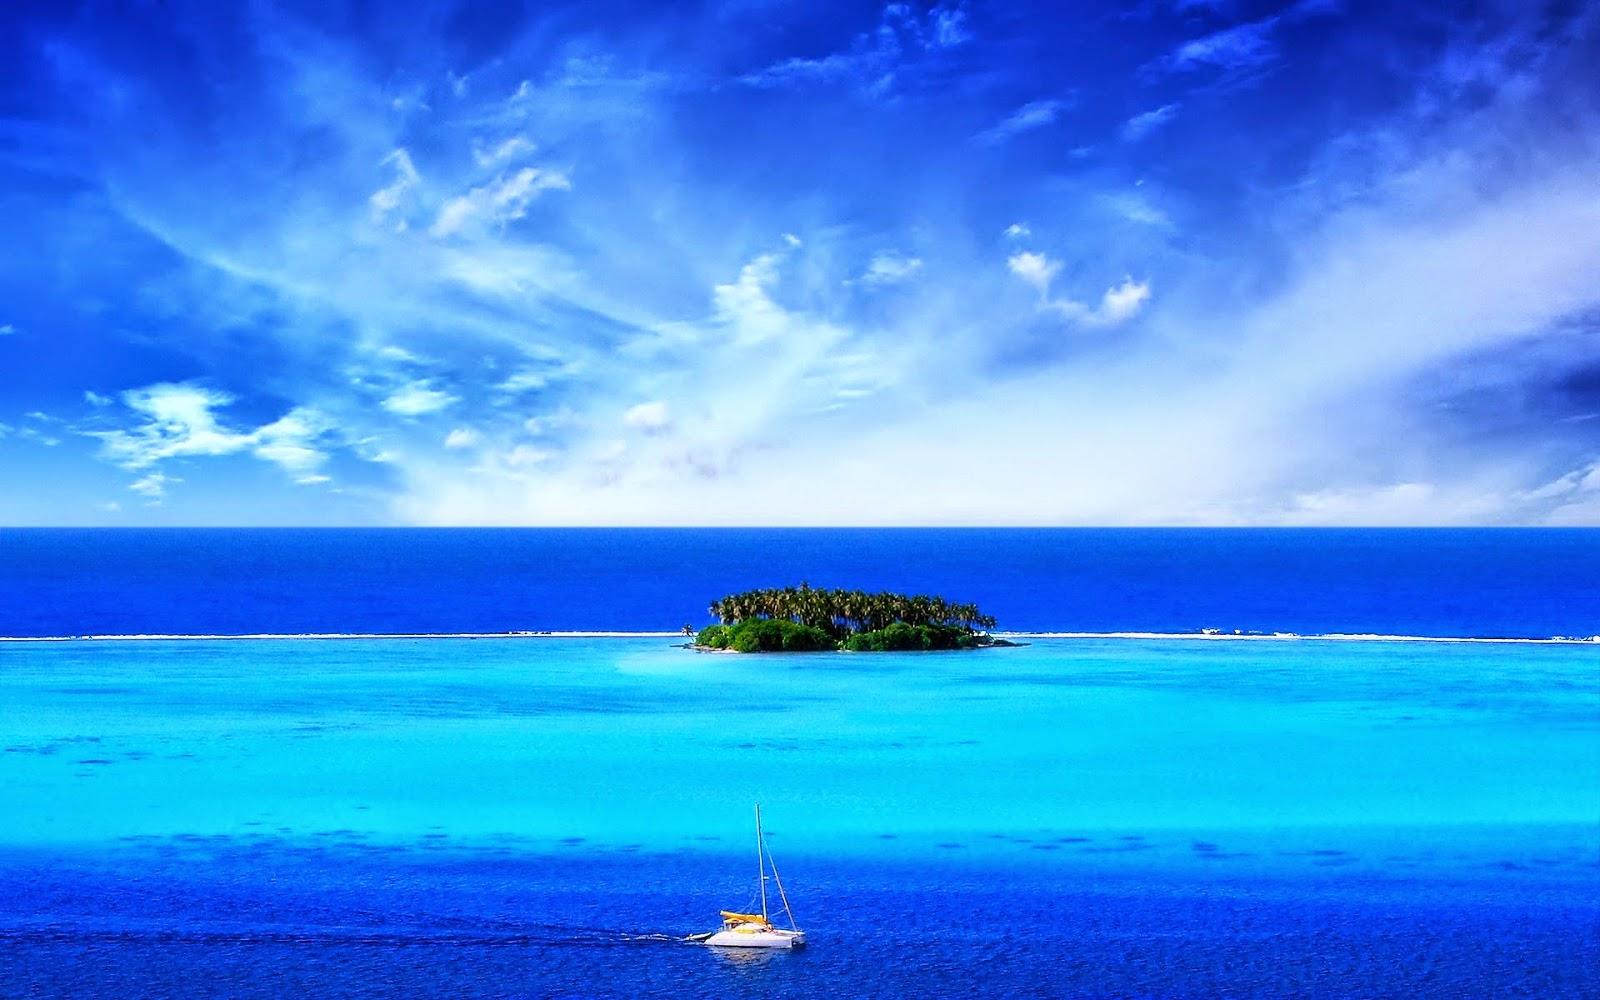 hd sea to sky - photo #18